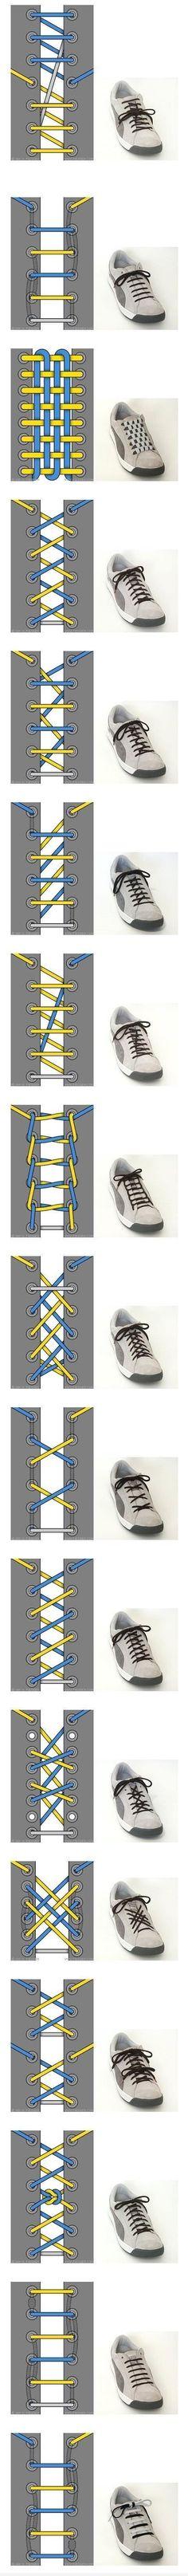 wierd ways to tie your shoe!